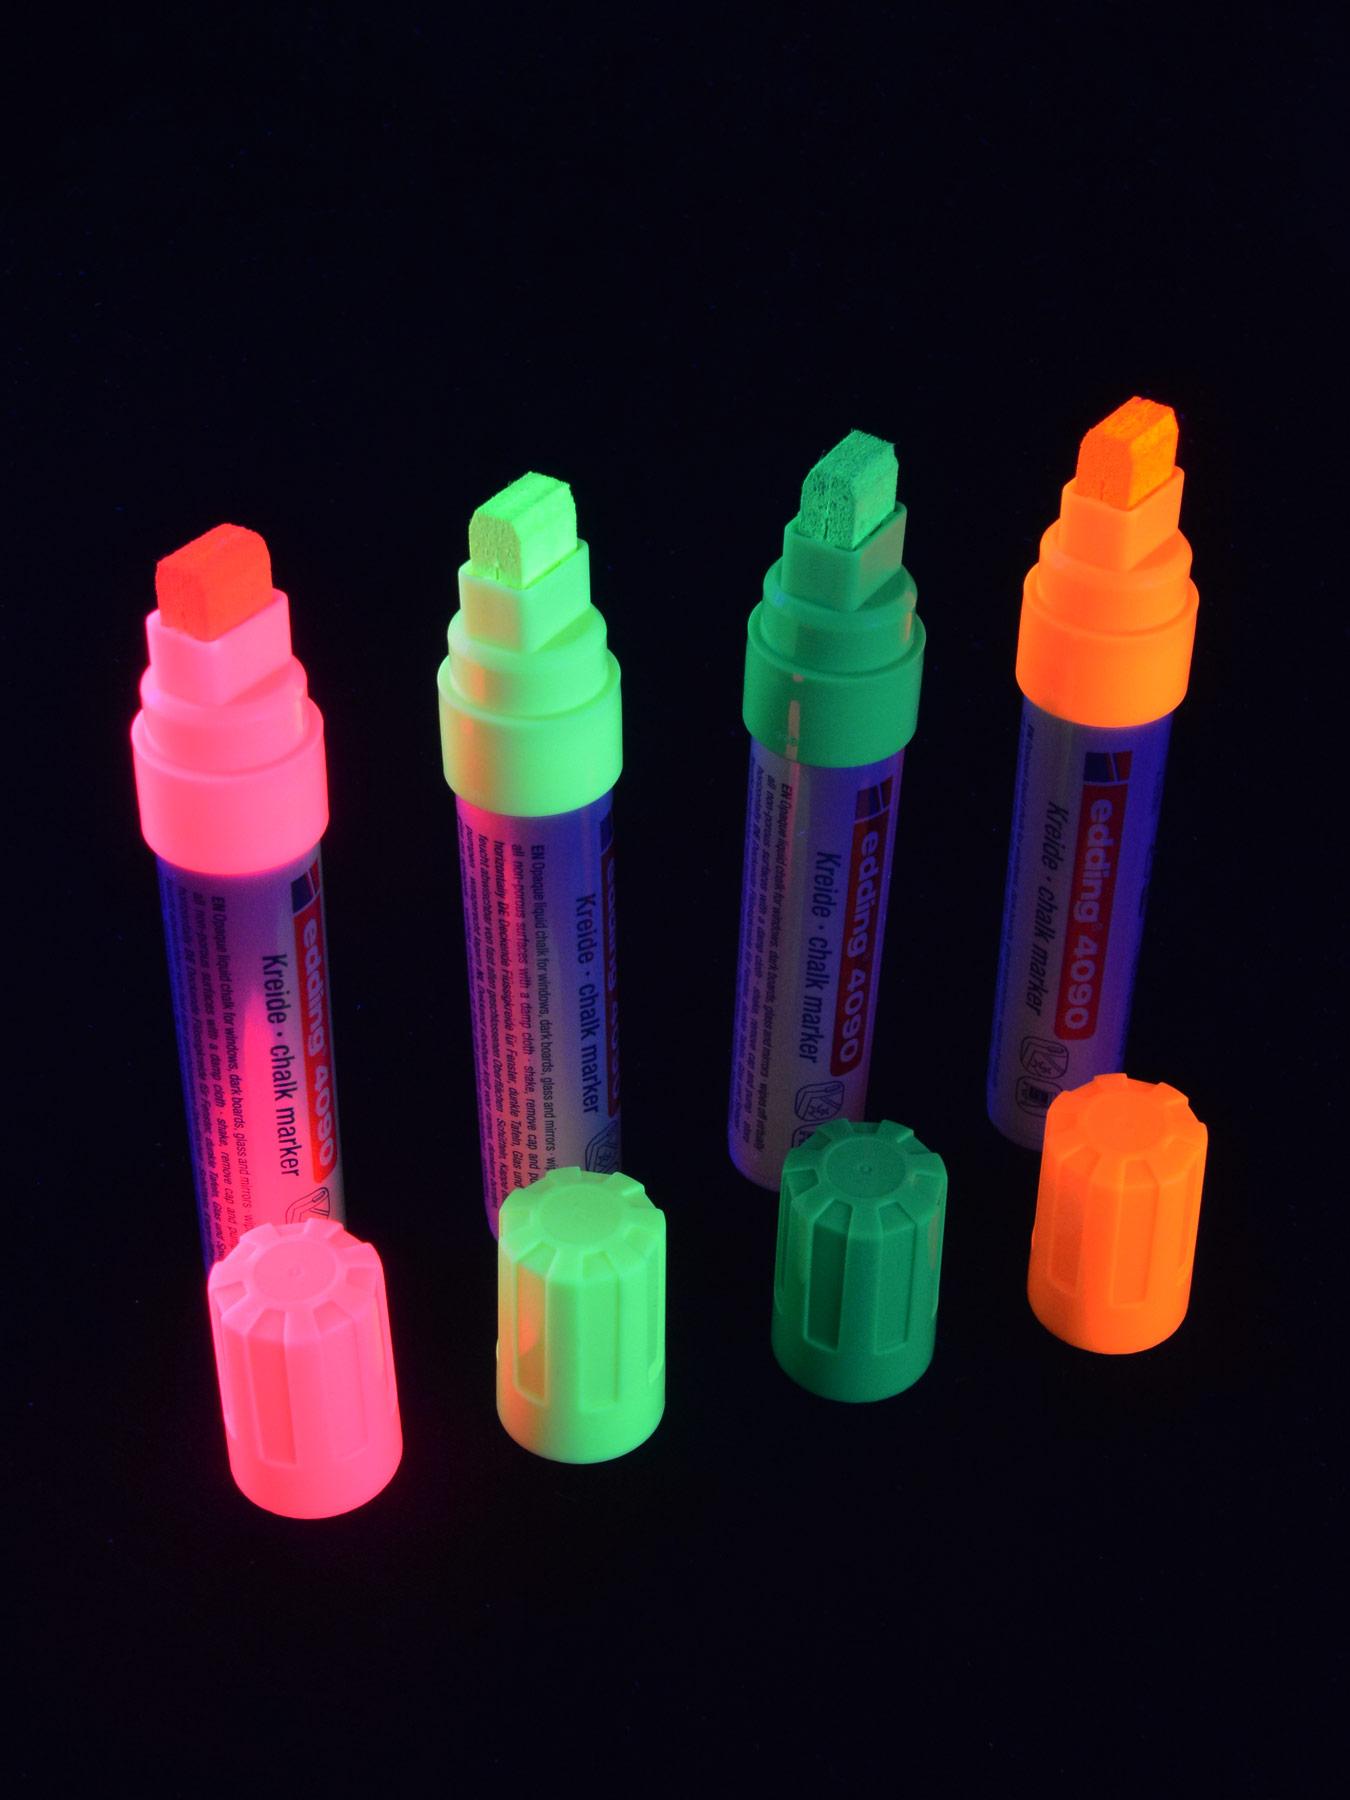 GRAFX Schwarzlicht UV-Fluorescent Pump Softliner Neon Stift Graffiti